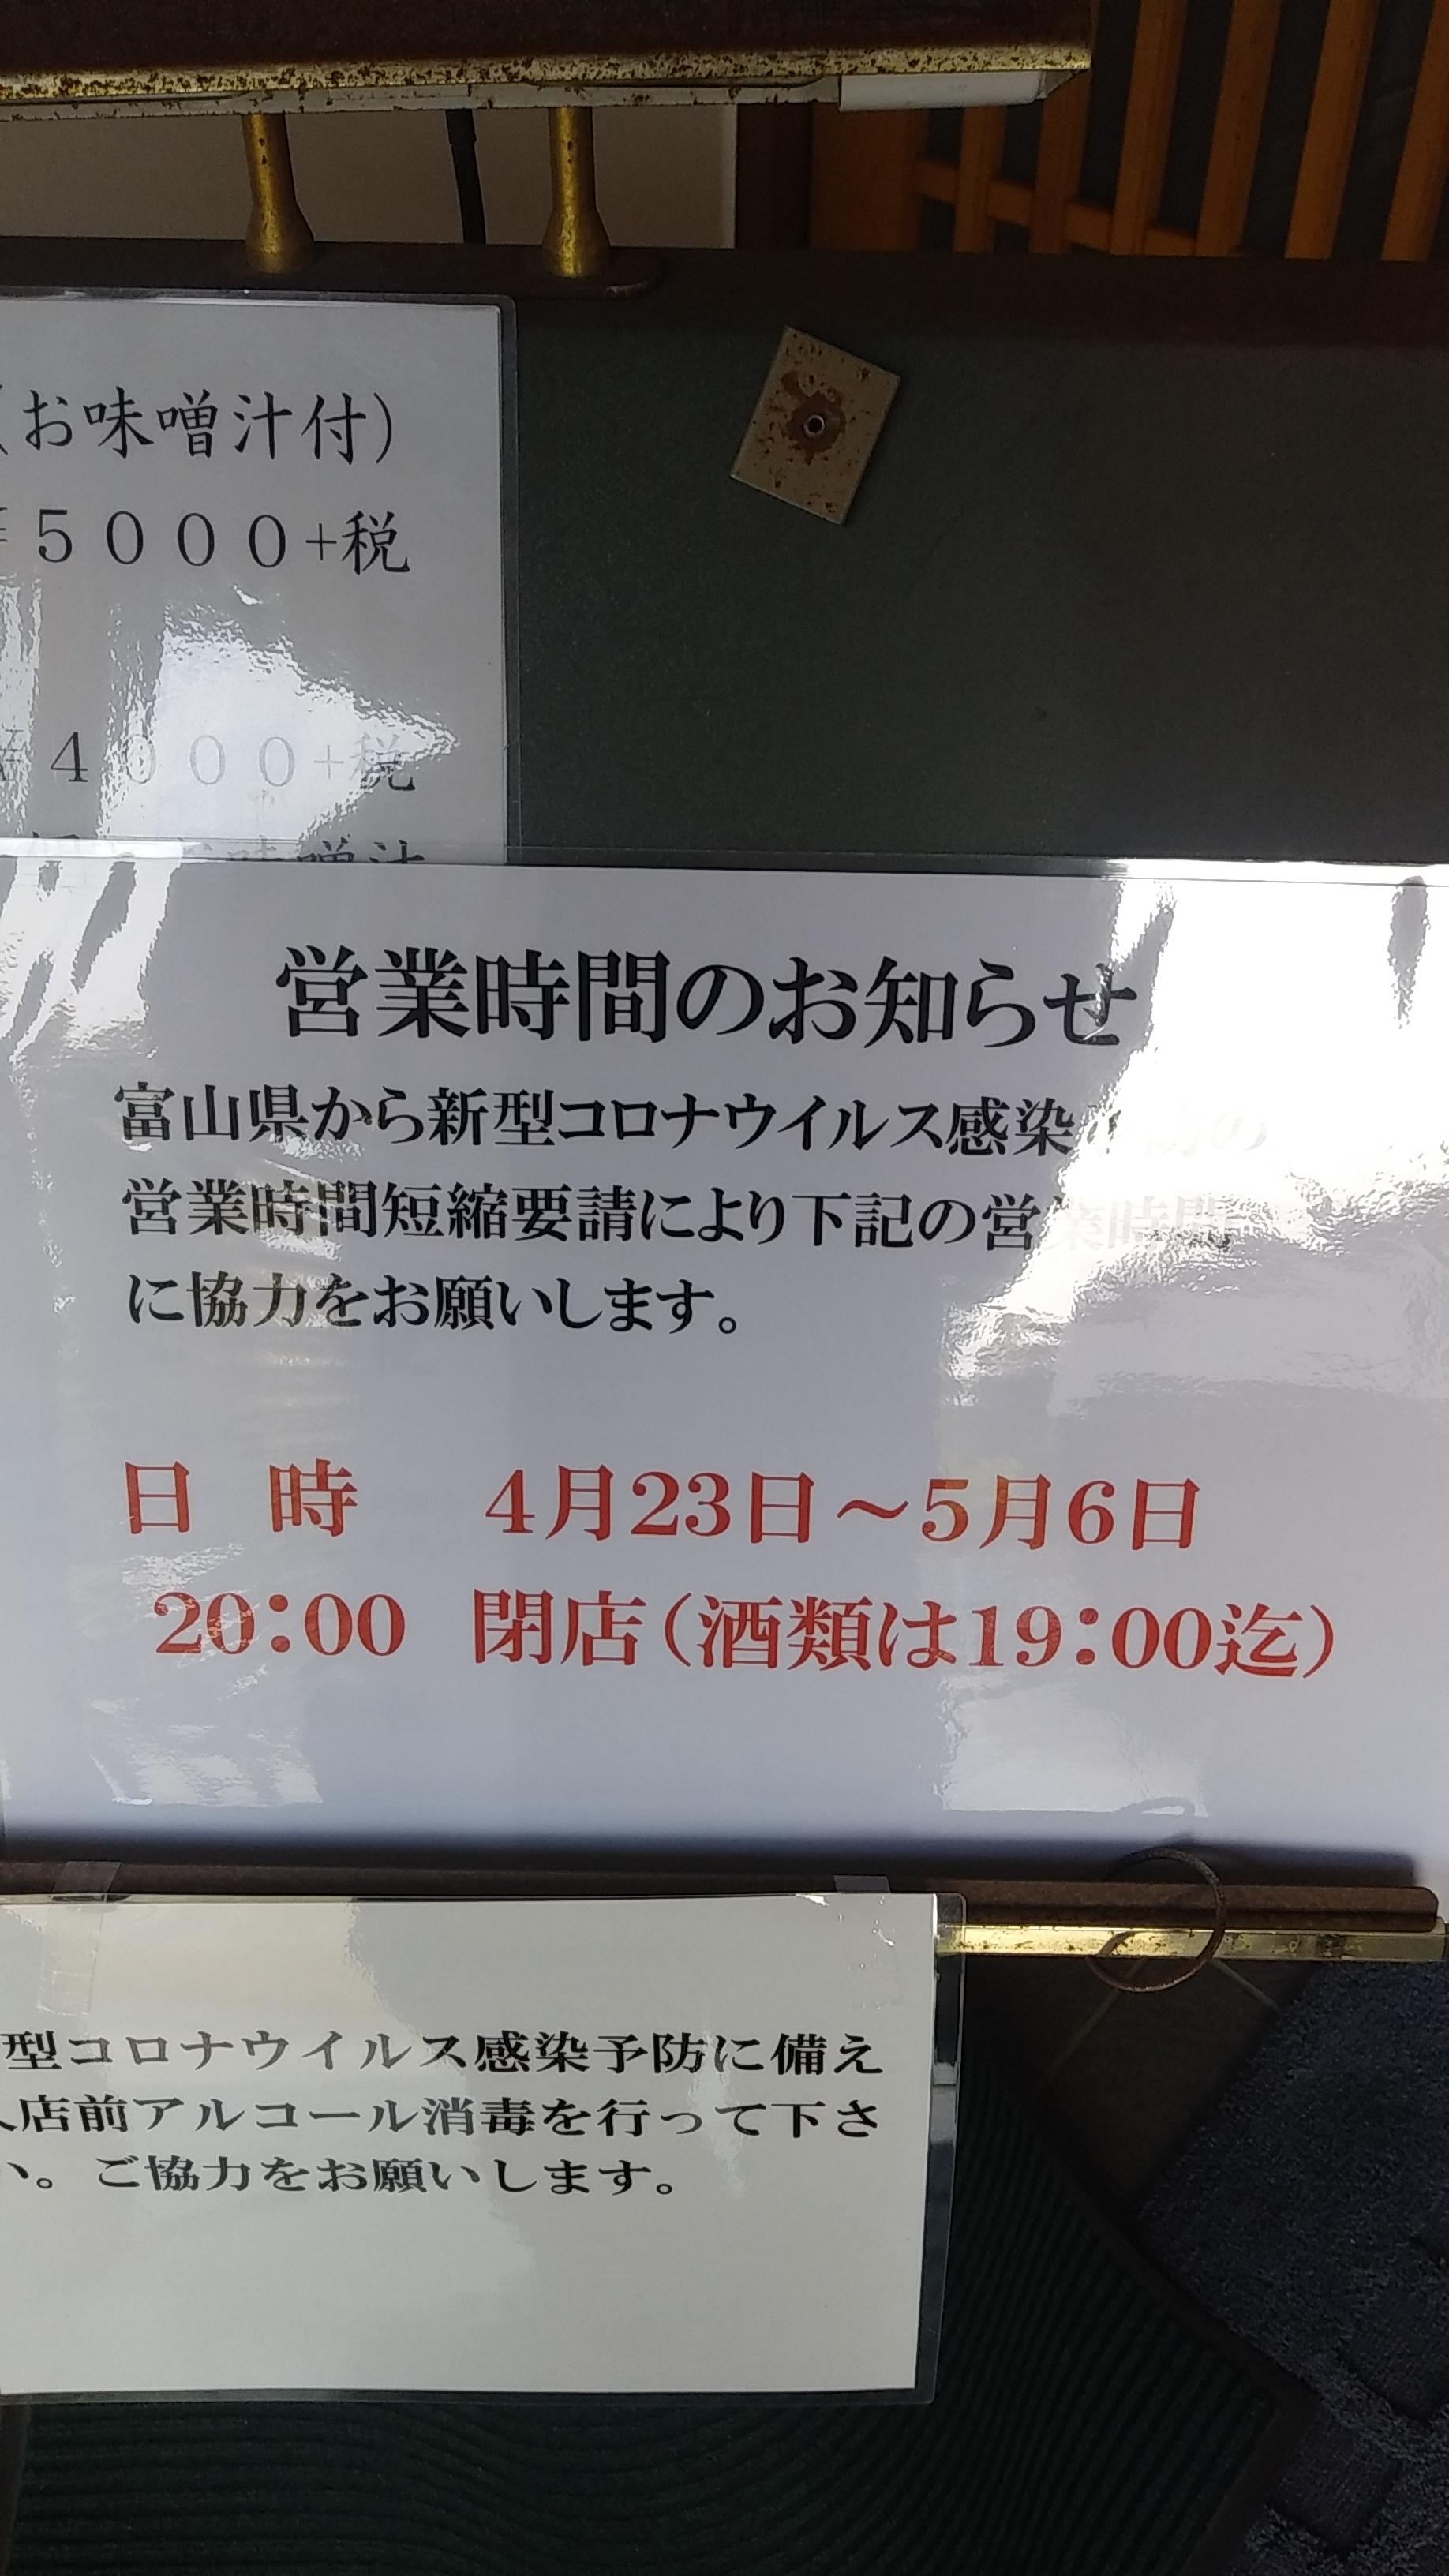 20200423075649357.jpg